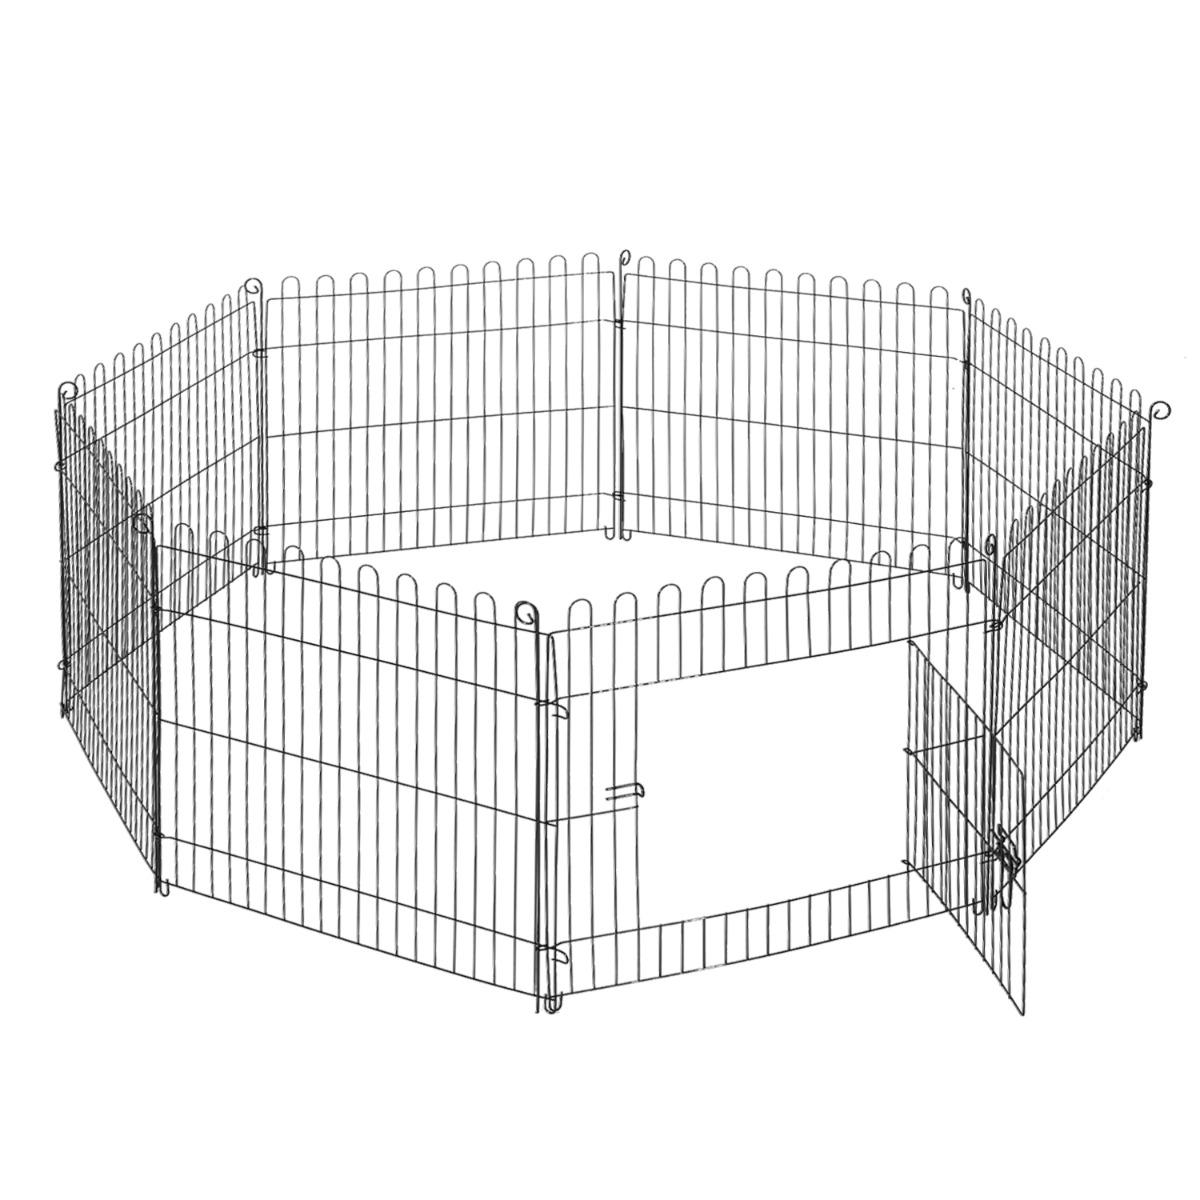 PawHut Țarc pentru Câini Pisici Mici Rozătoare Gard Plasă Cușcă 8 Bucăți 61 x 61cm Negru imagine aosom.ro